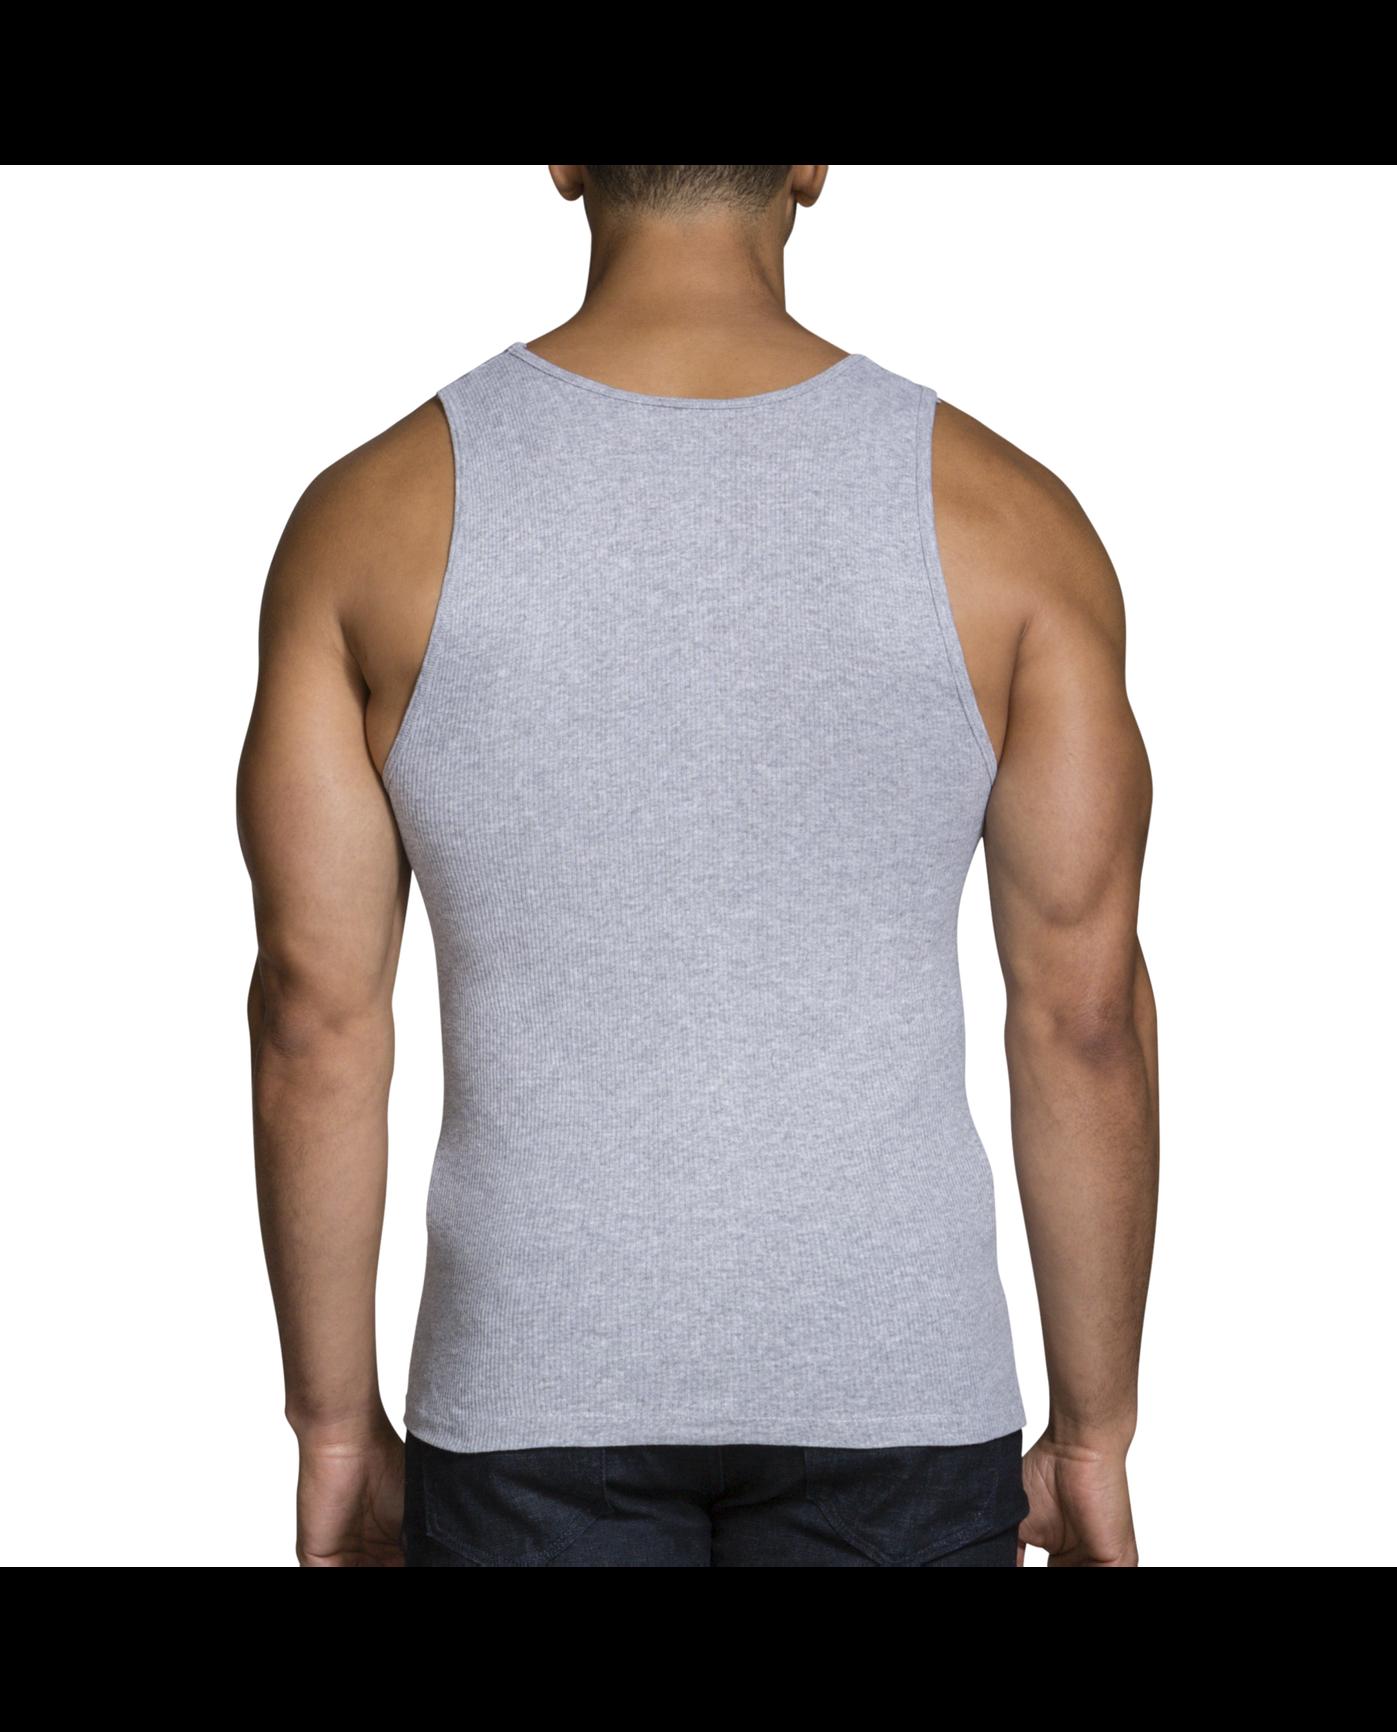 e0eb75e4f7aa69 ... Men s Classic Assorted A-Shirts